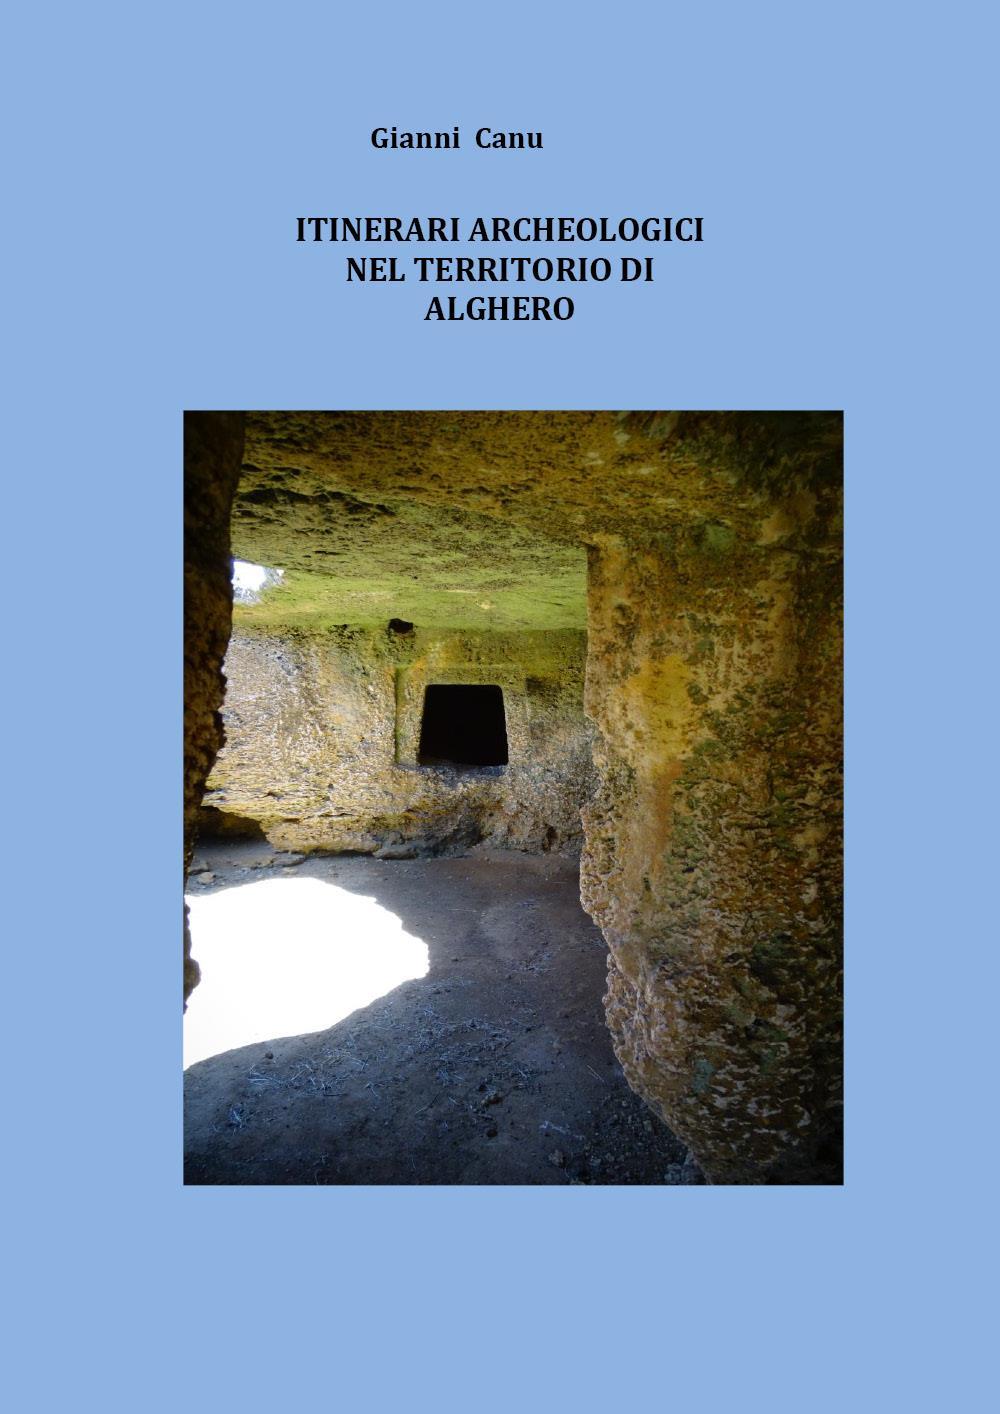 Itinerari archeologici nel territorio di Alghero